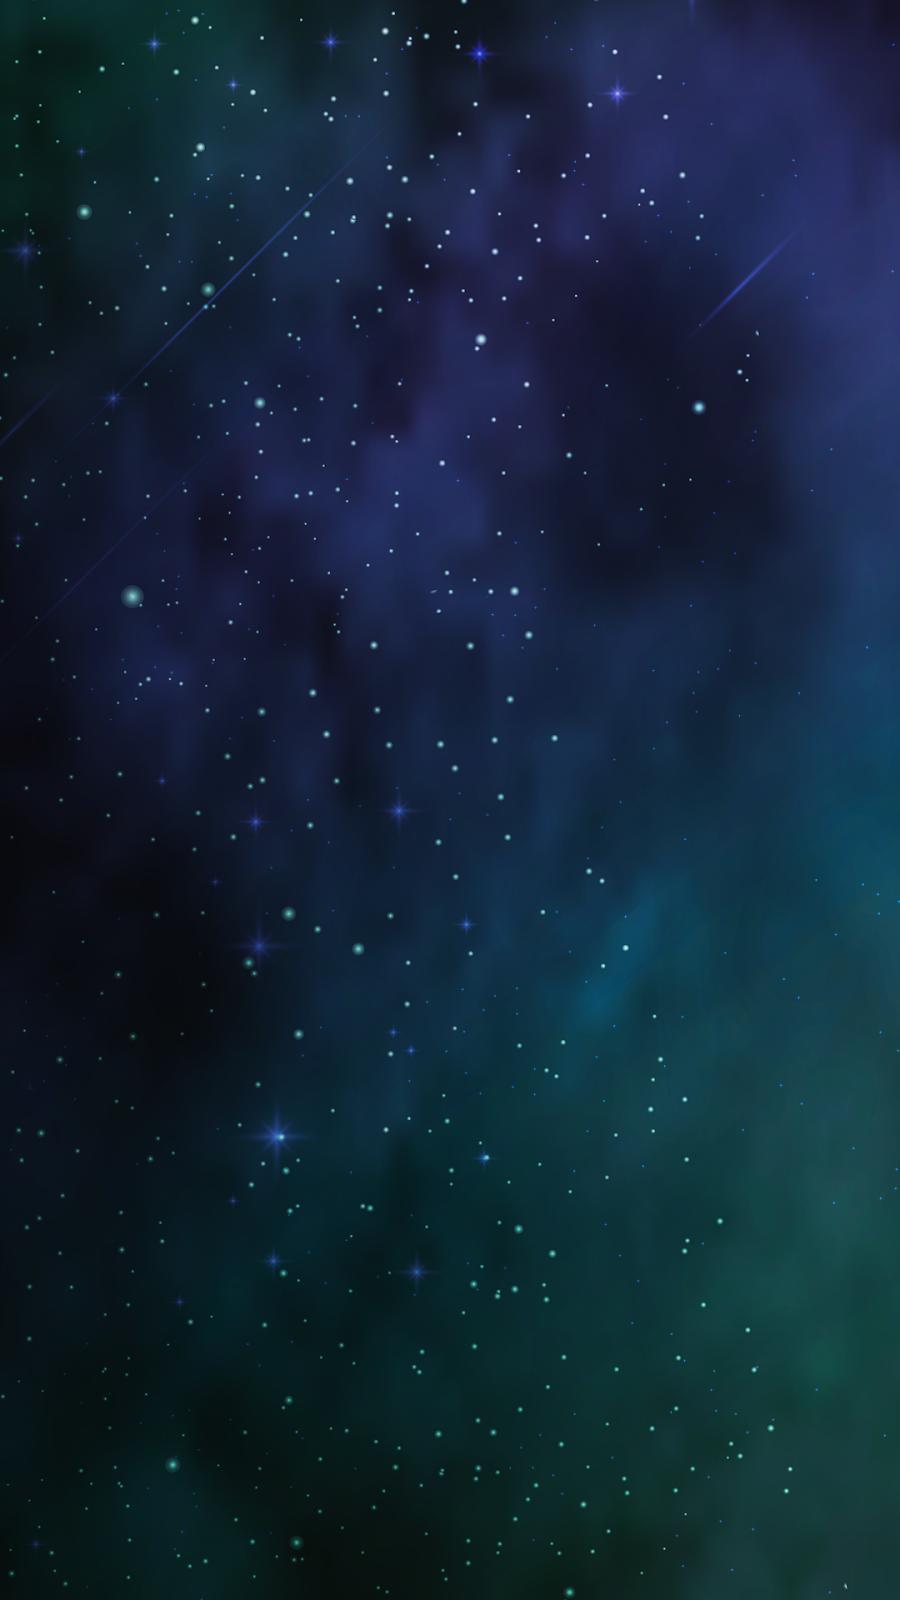 1080p hd universe wallpaper